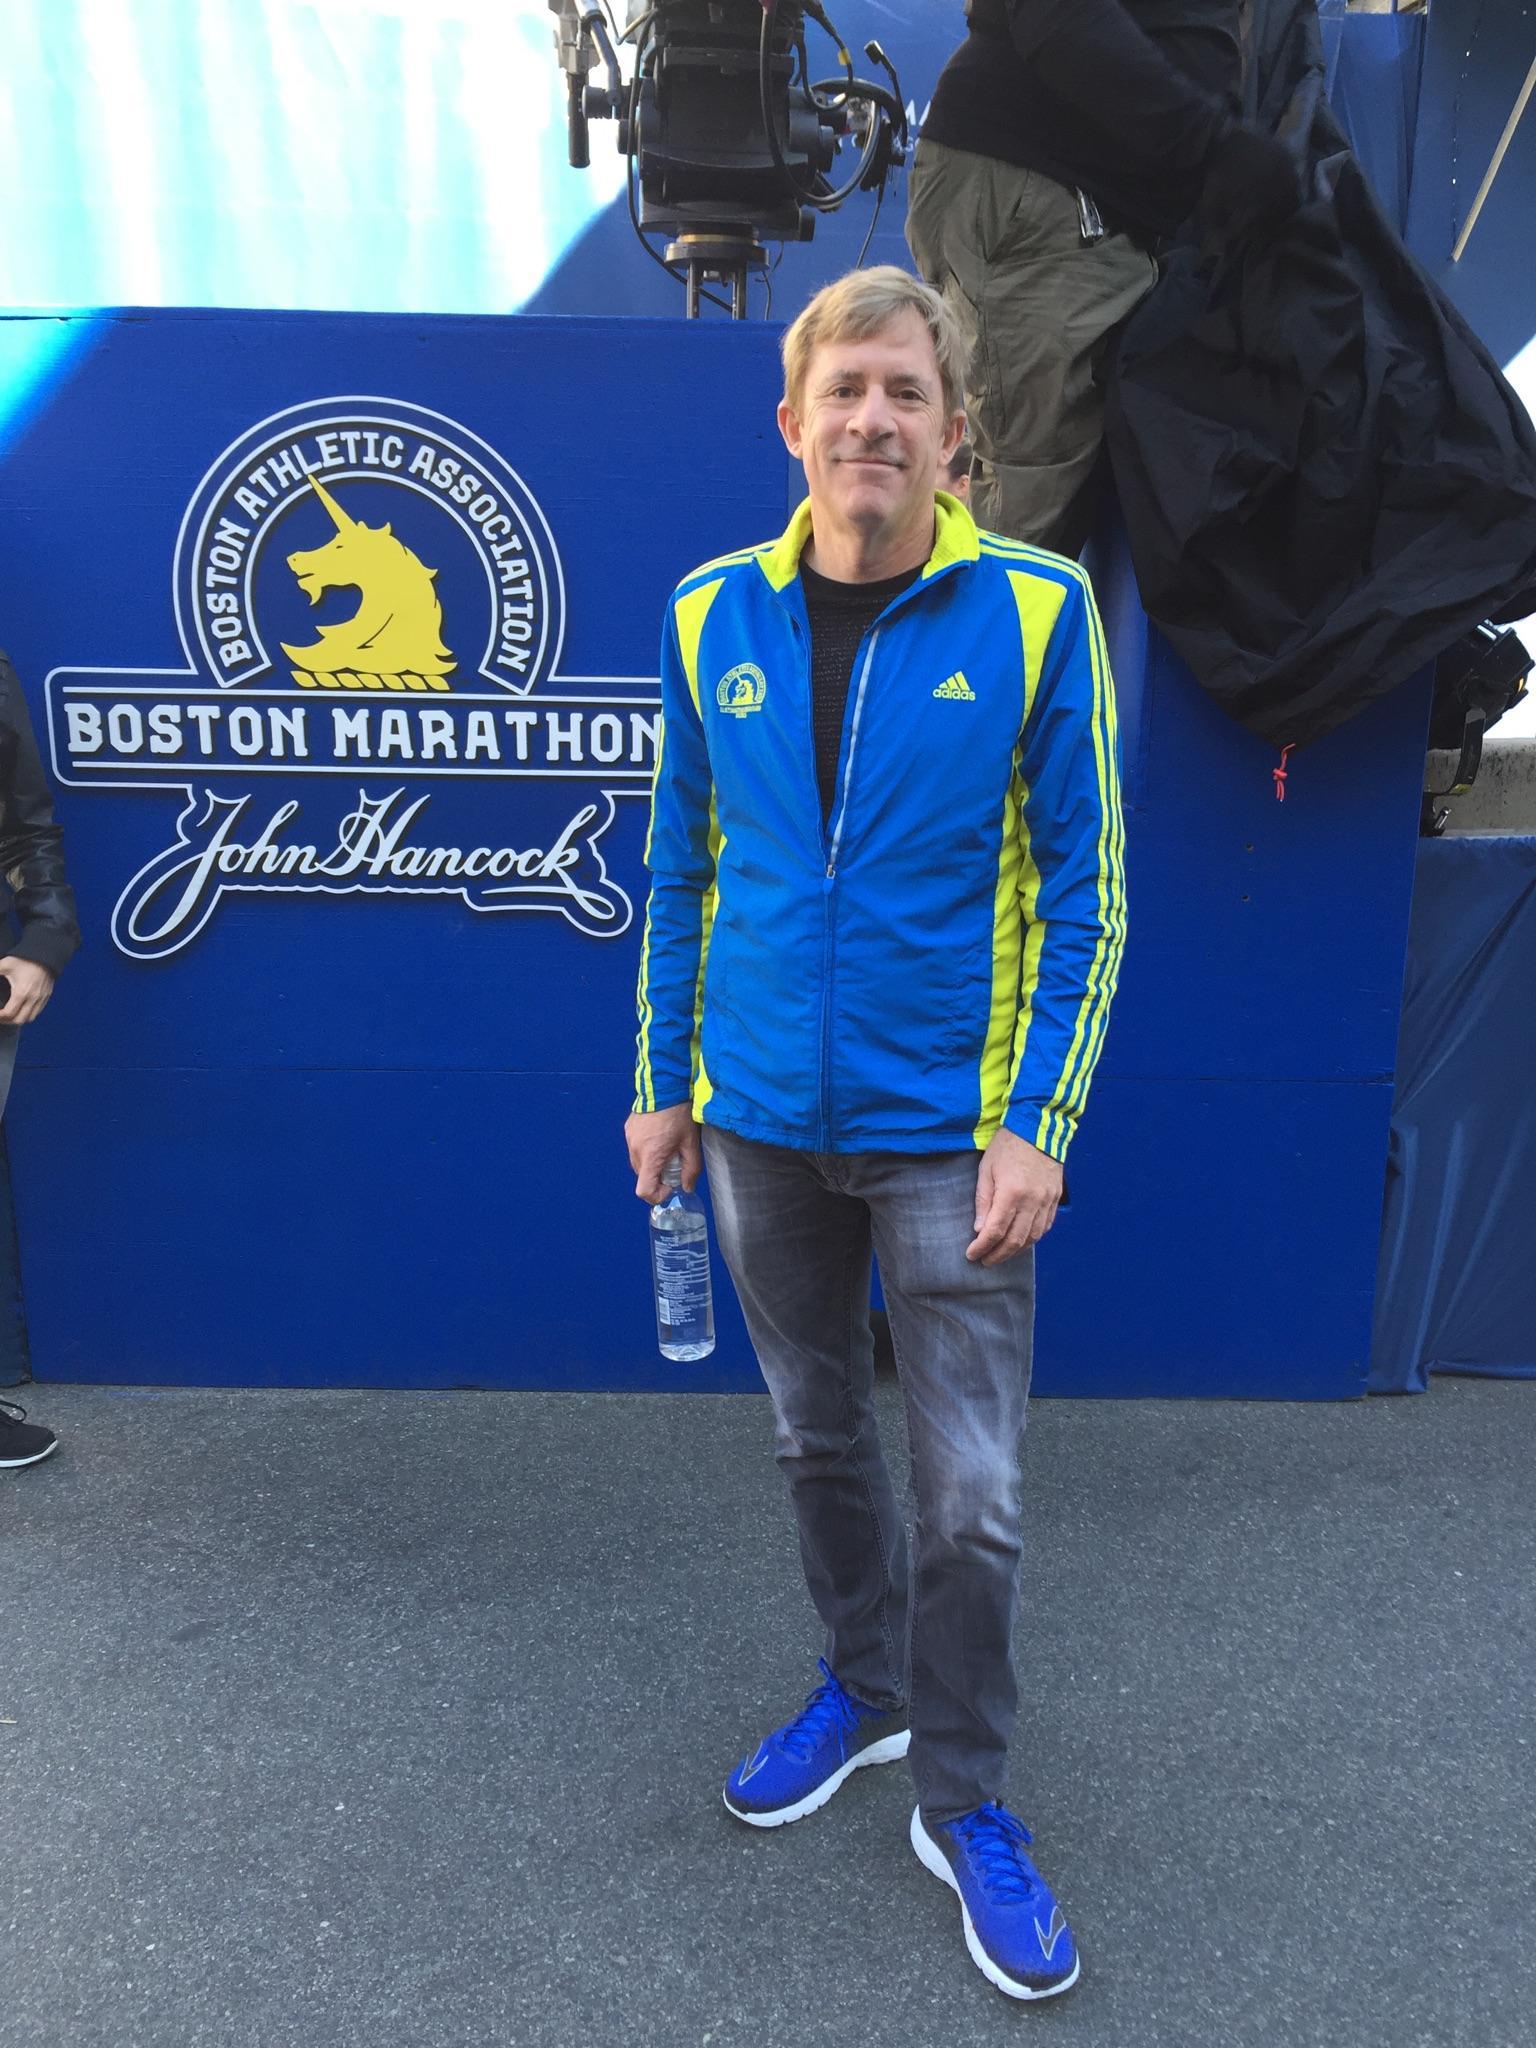 David-Goldstein-cfo-marathon.jpg